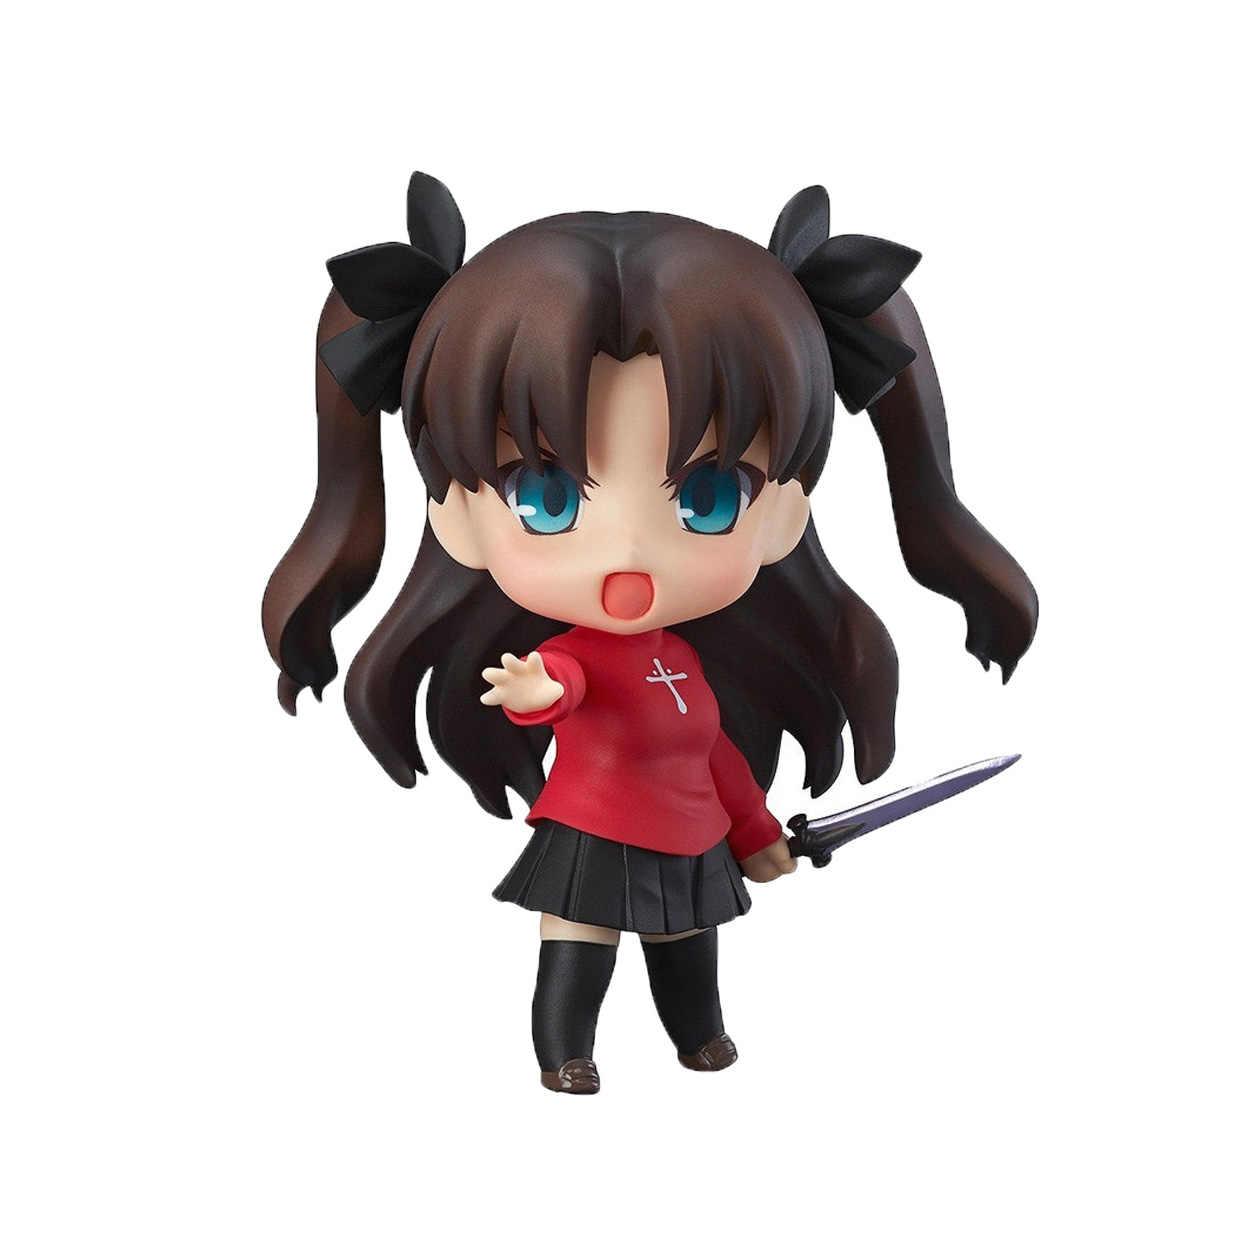 """Chanycore GSC Nendoroid 409 # destino noche estancia Tohsaka Rin Emiya Maestro de destino/cero Anime figura de acción de colección juguete 10 cm 4"""""""